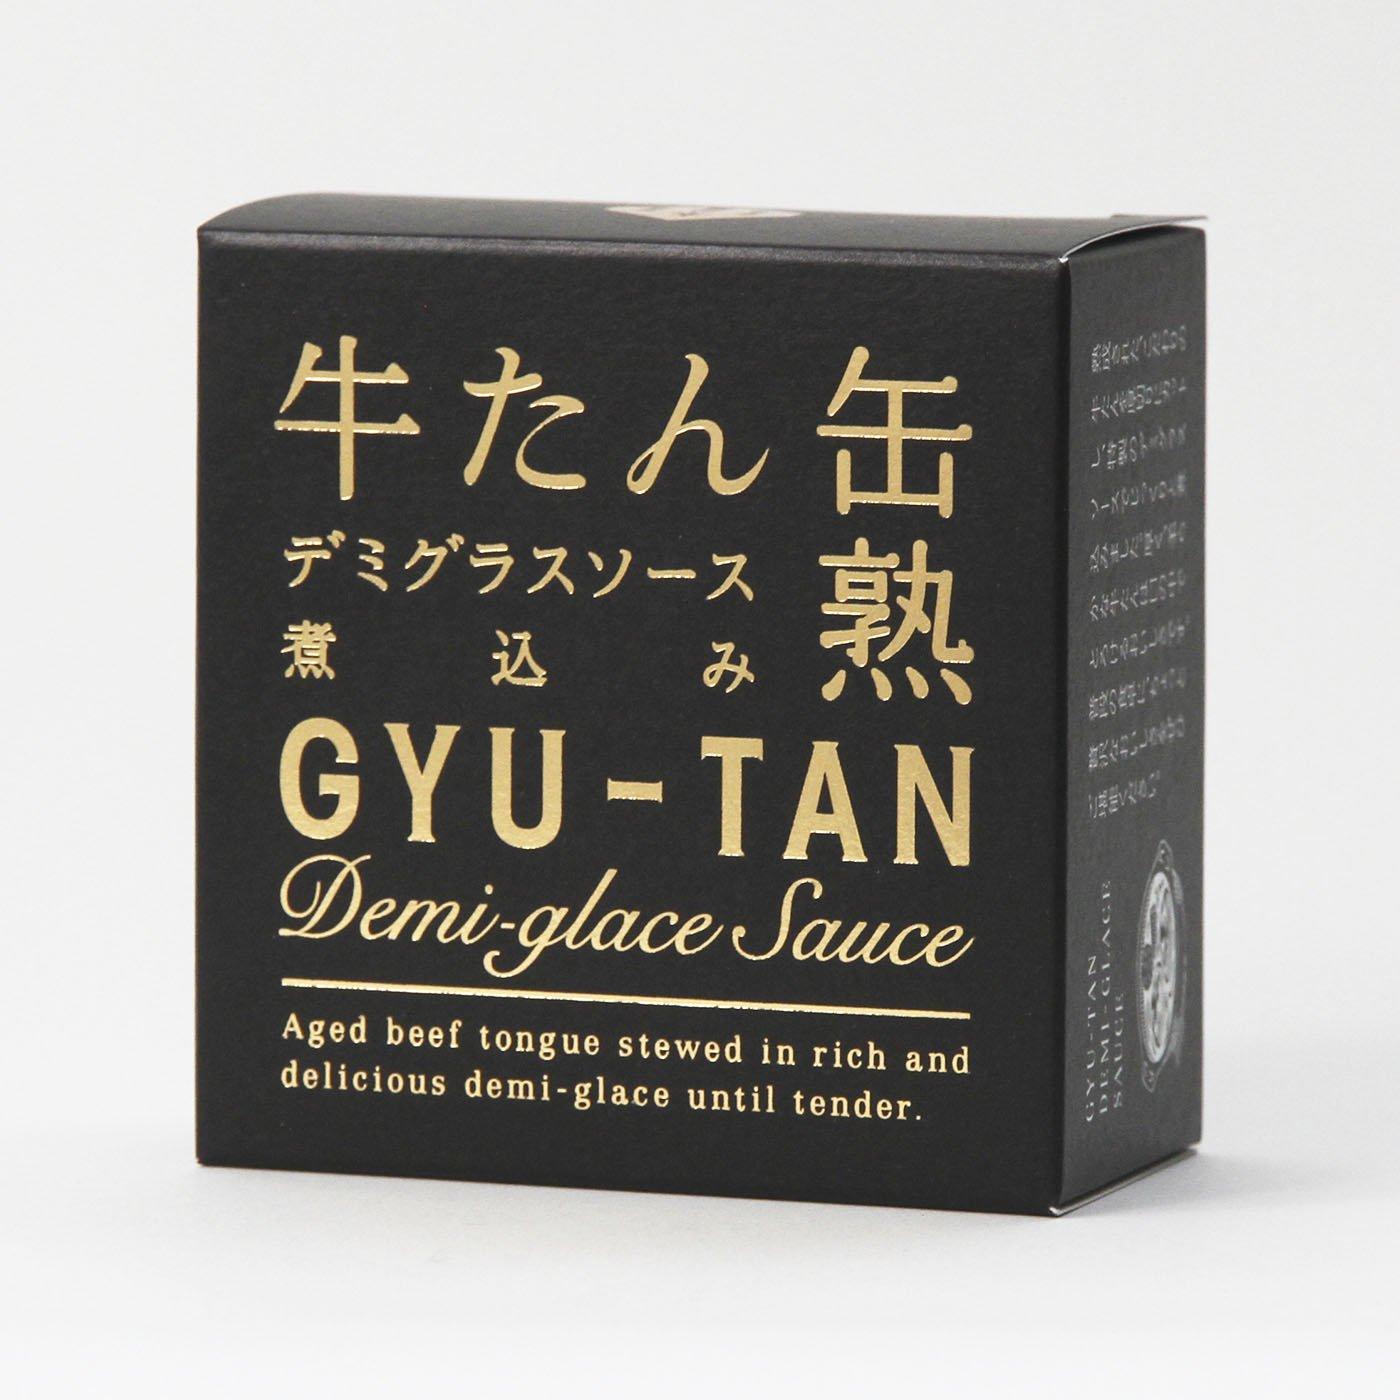 牛タンデミグラスソース缶詰